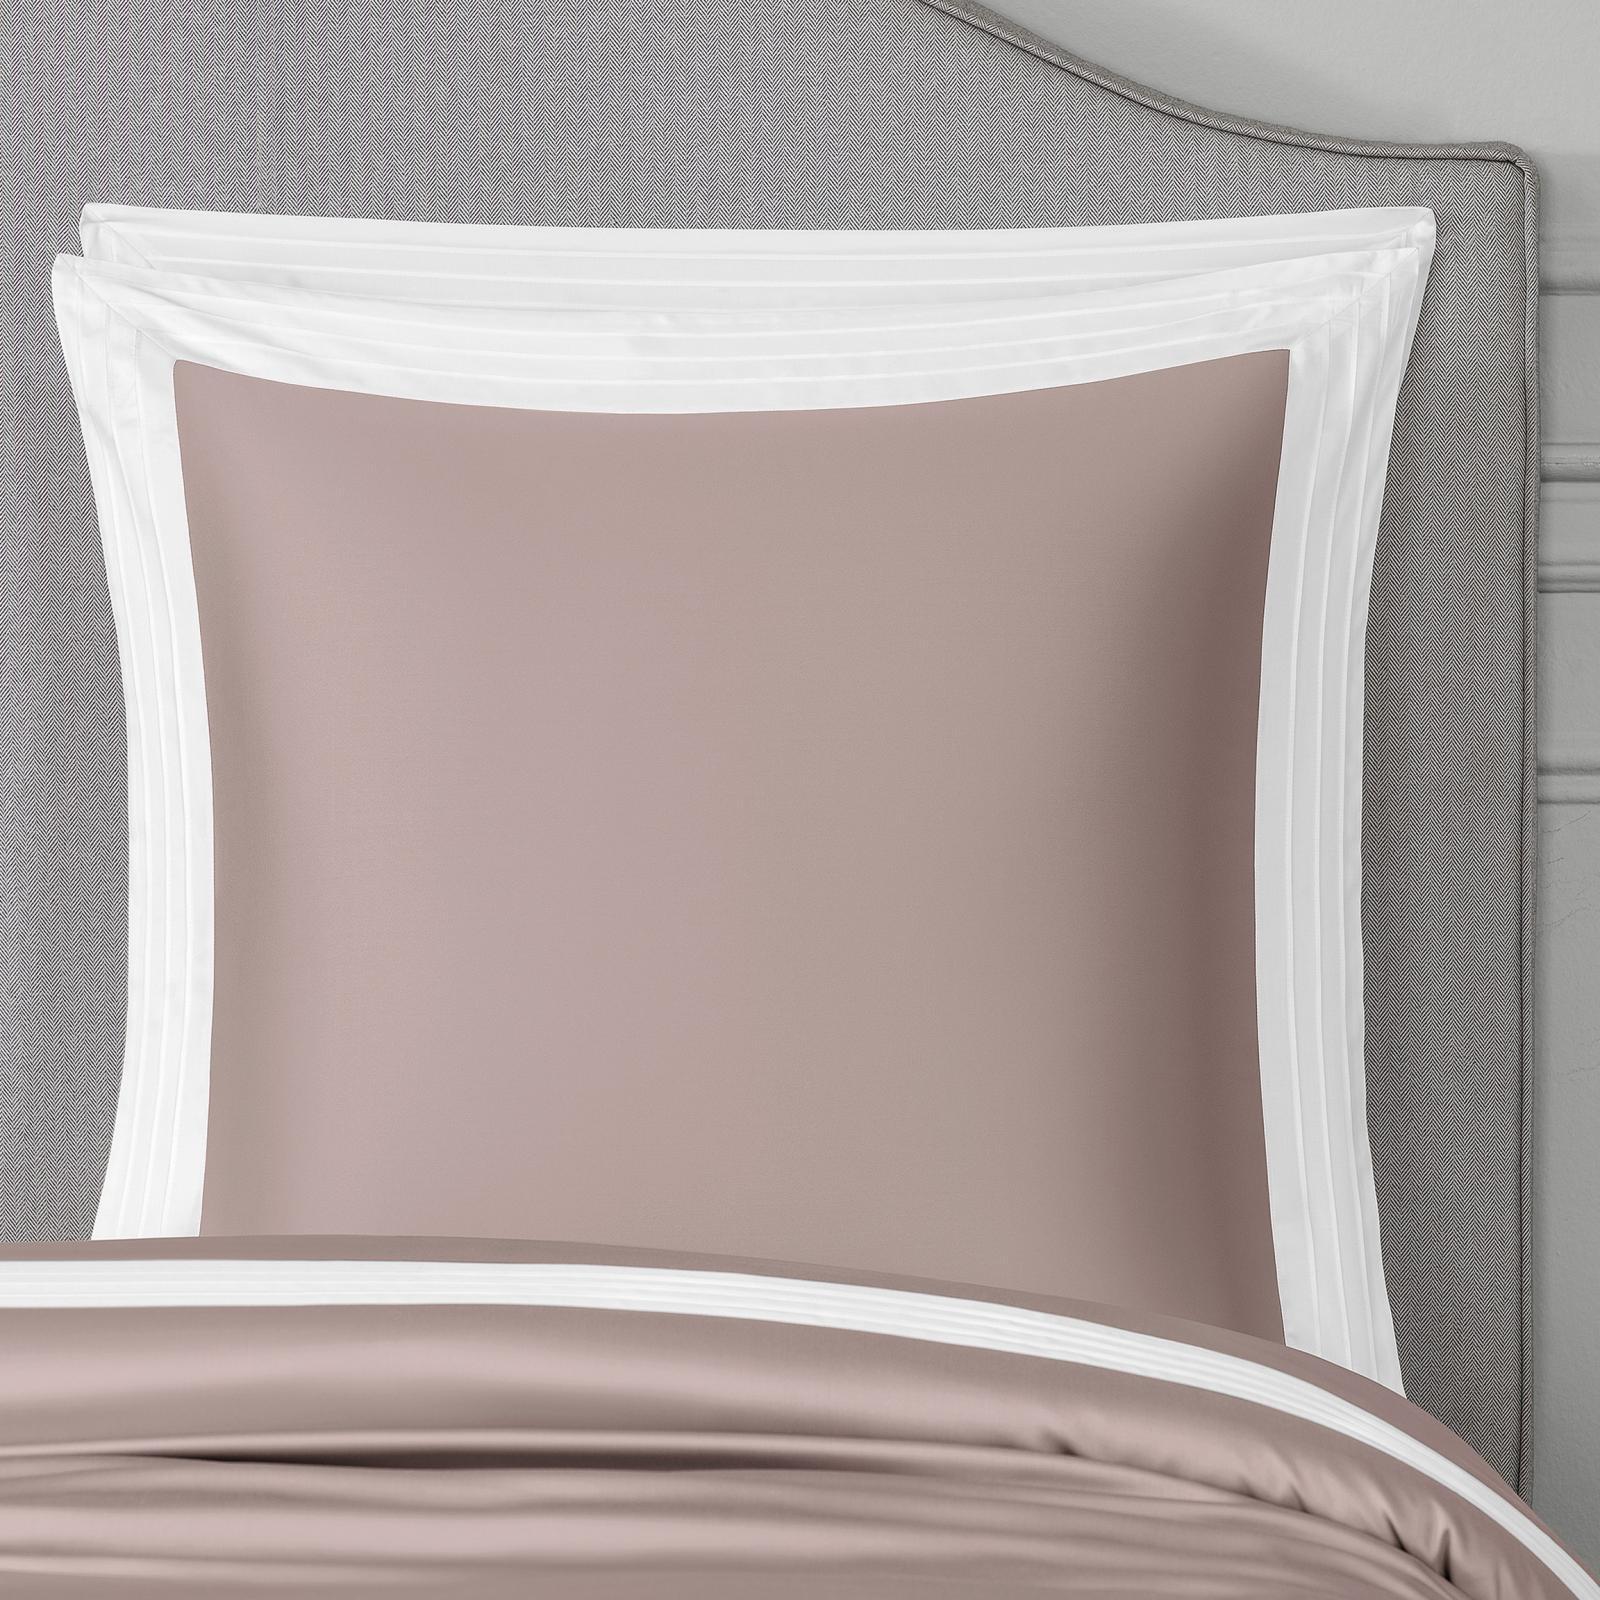 Комплект наволочек Togas эдем розовый/белый 70x70 см 2 шт.